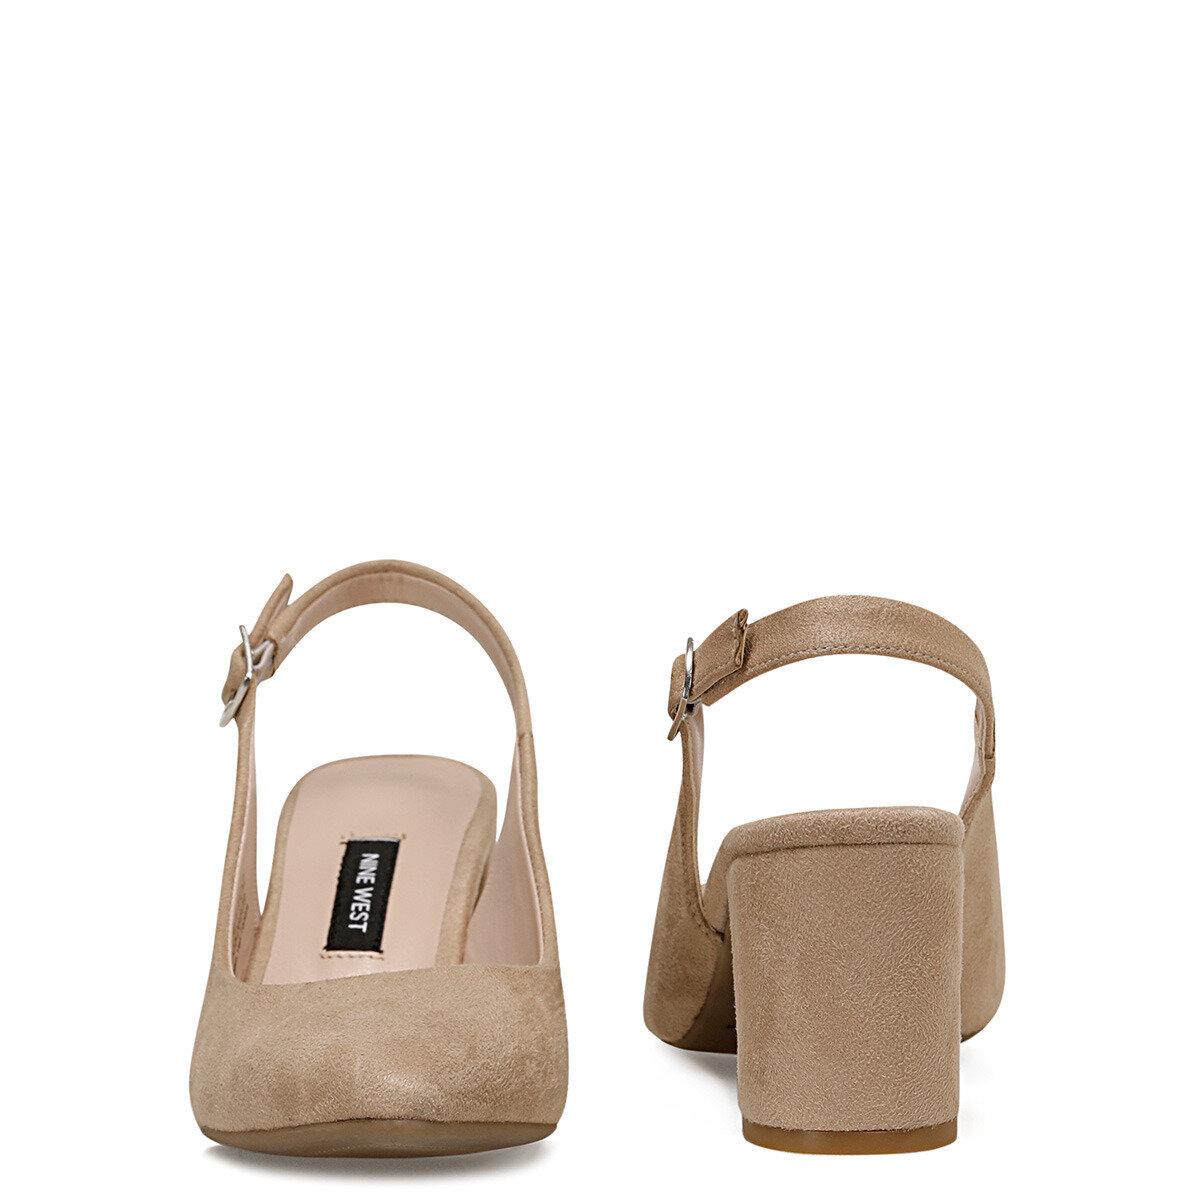 LIZETTO2 Vizon Kadın Klasik Topuklu Ayakkabı